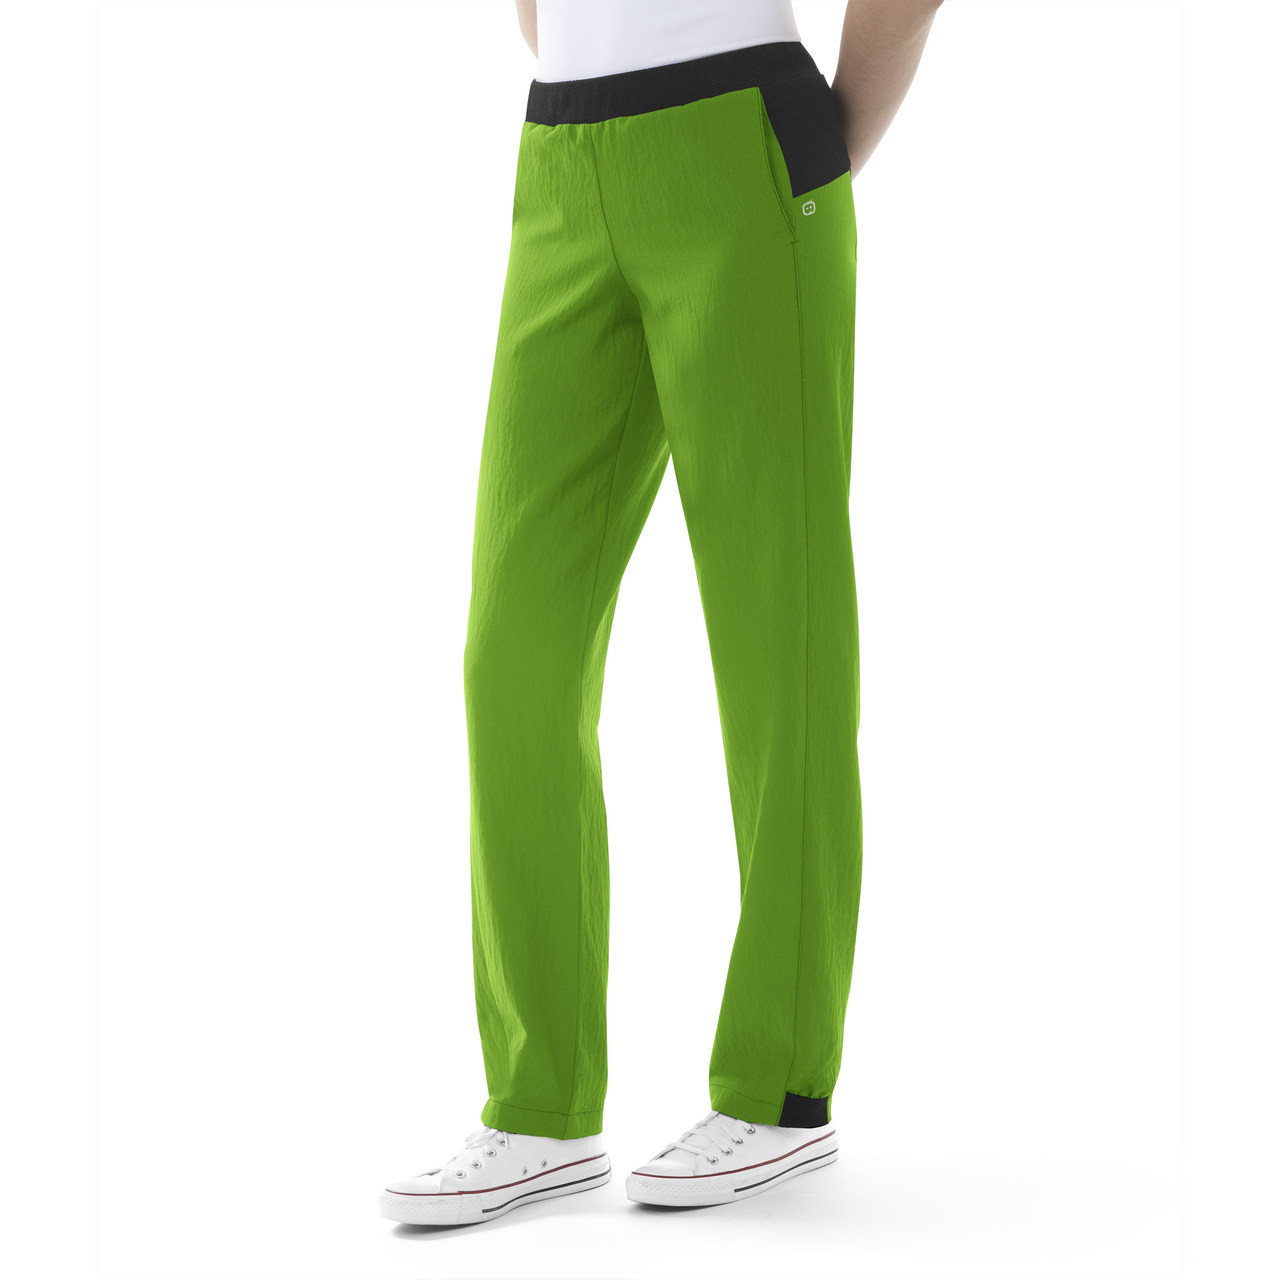 7726520347d 5614 WonderWink Four-Stretch Women's Sky: Stylized Pocket Pant ...